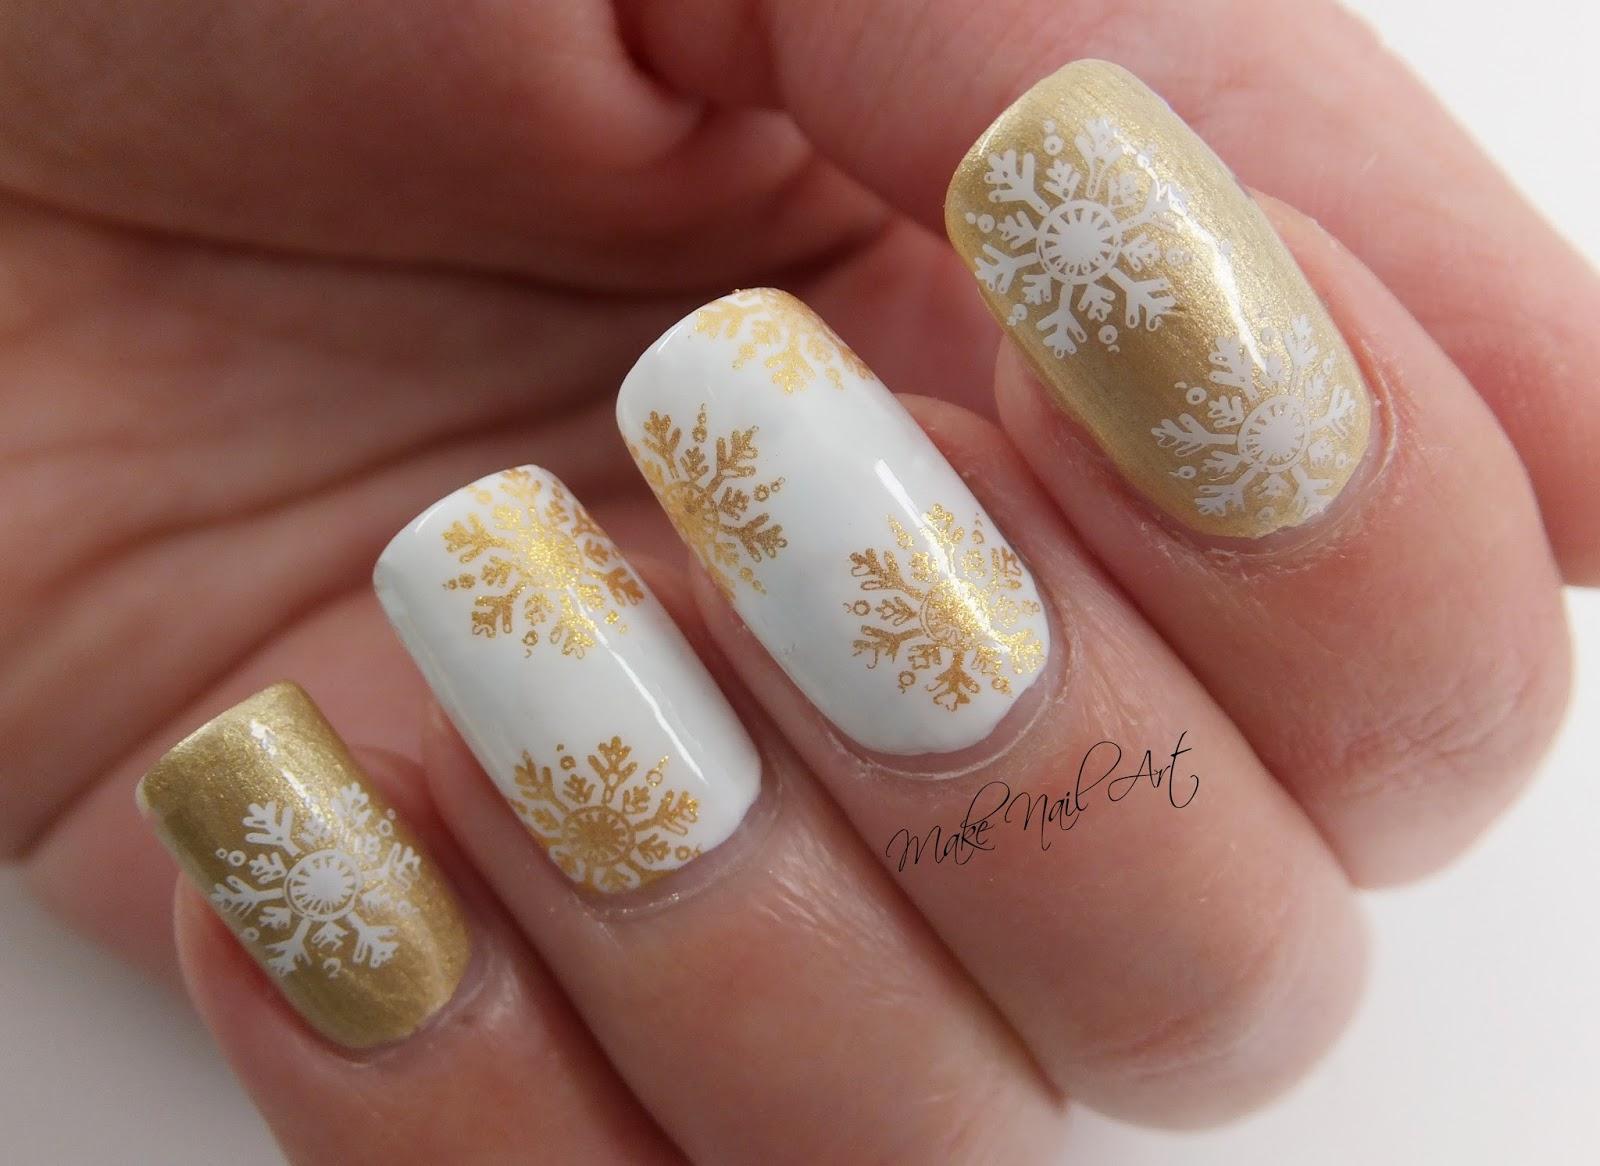 Make Nail Art White And Gold Stamping Snowflakes Nail Art Design